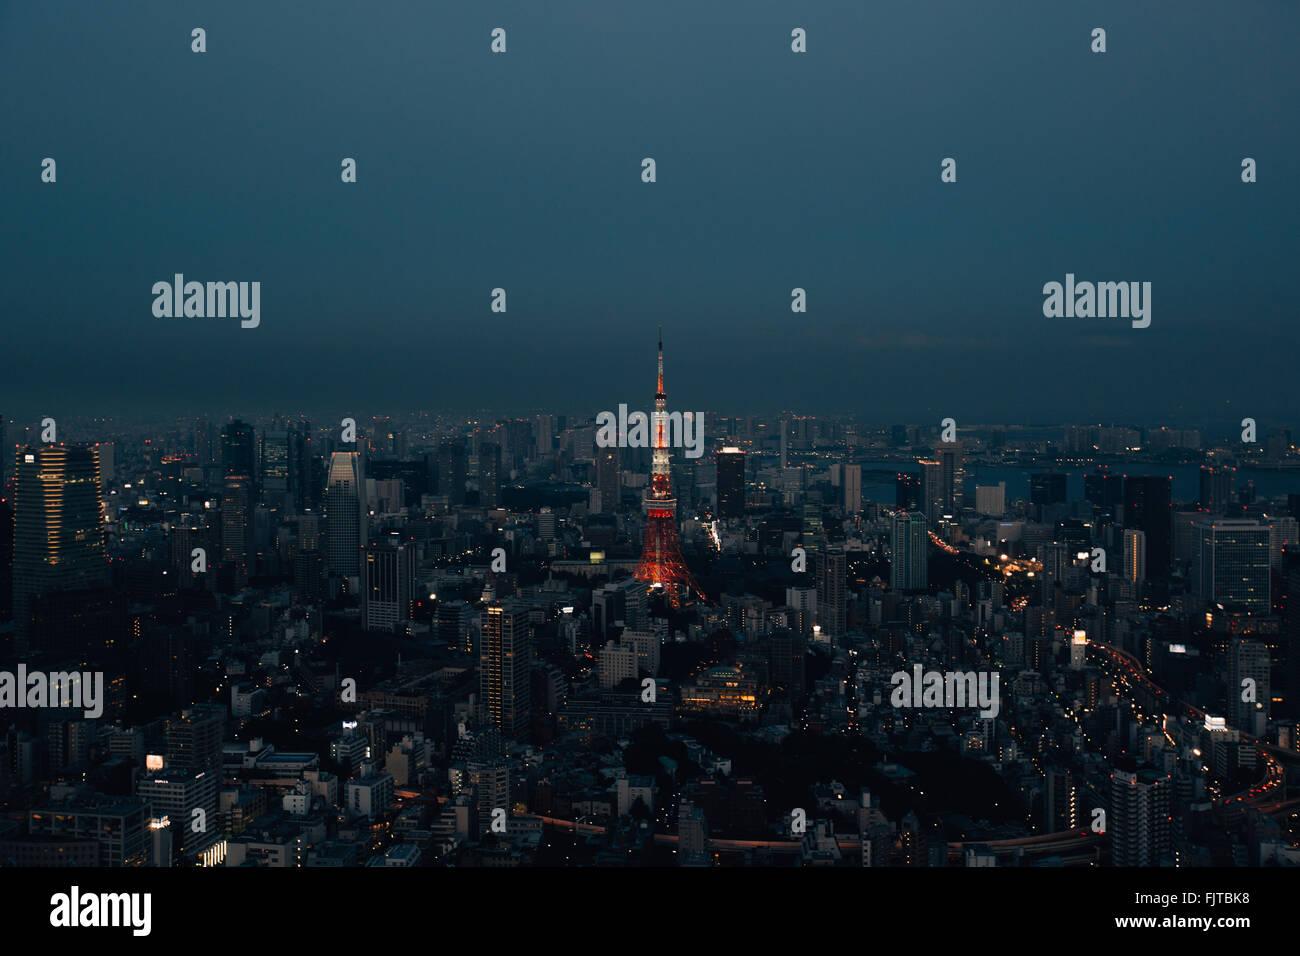 Beleuchtete Tokyo Tower In Stadt gegen klaren Himmel Stockbild